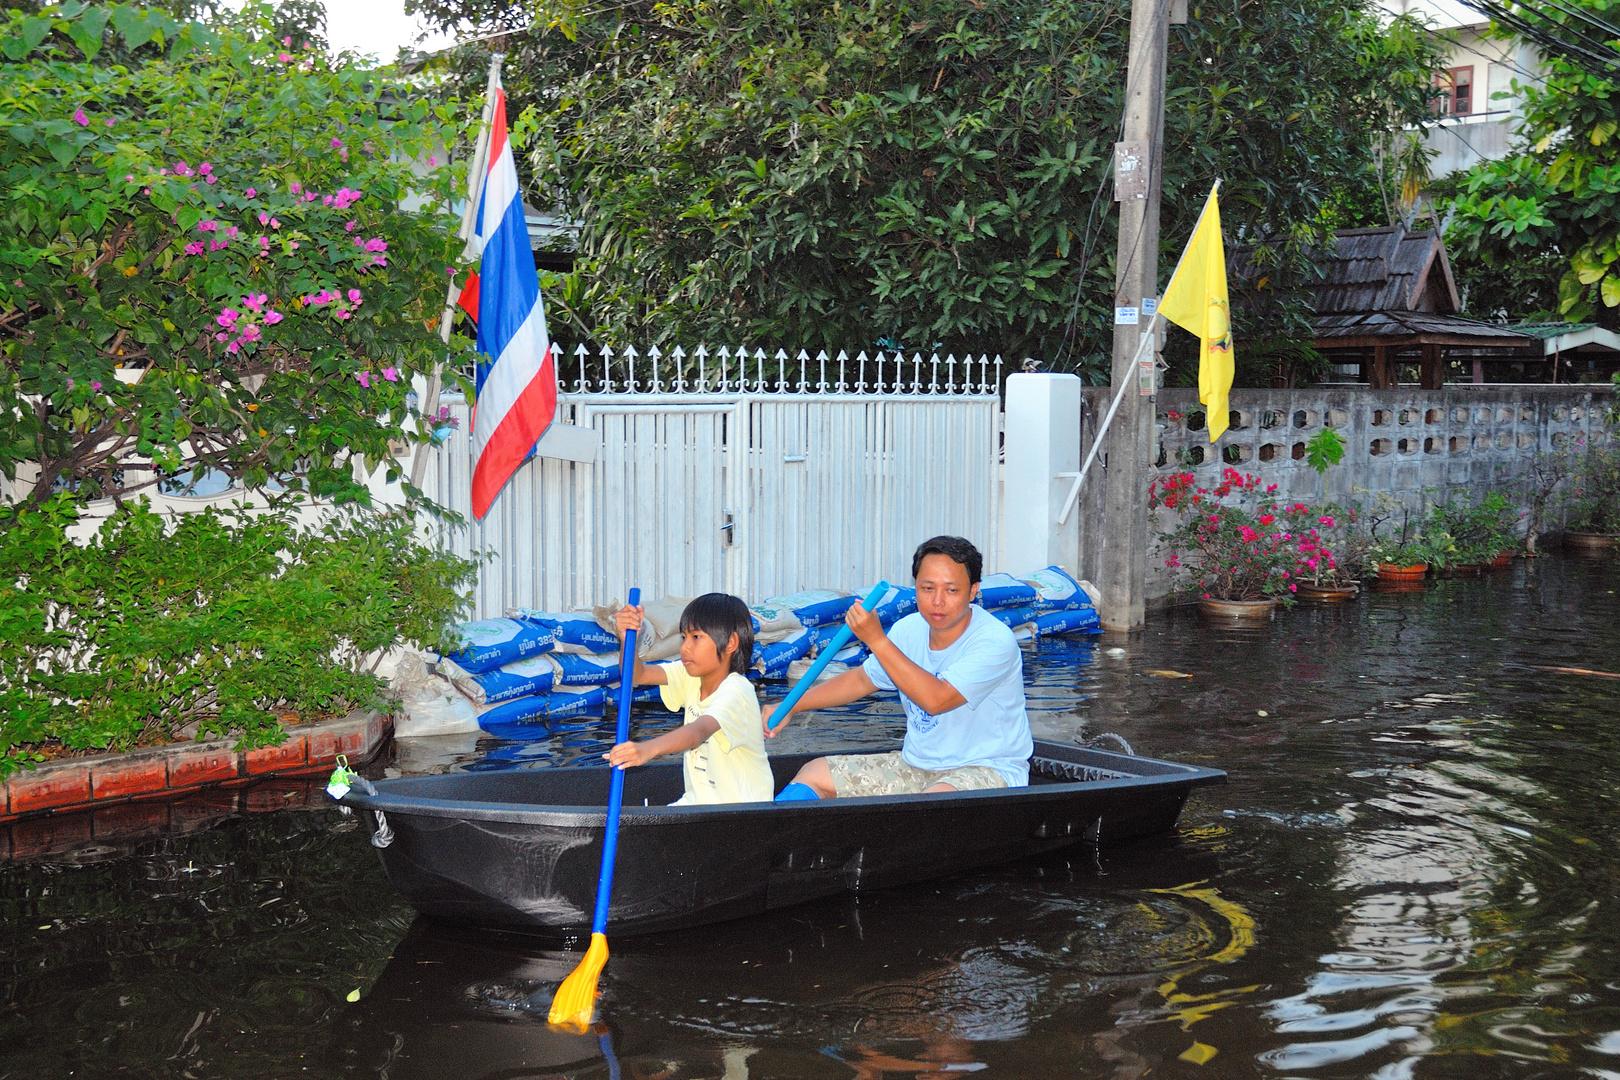 At our home Bangkok, Chatuchak in November 2011